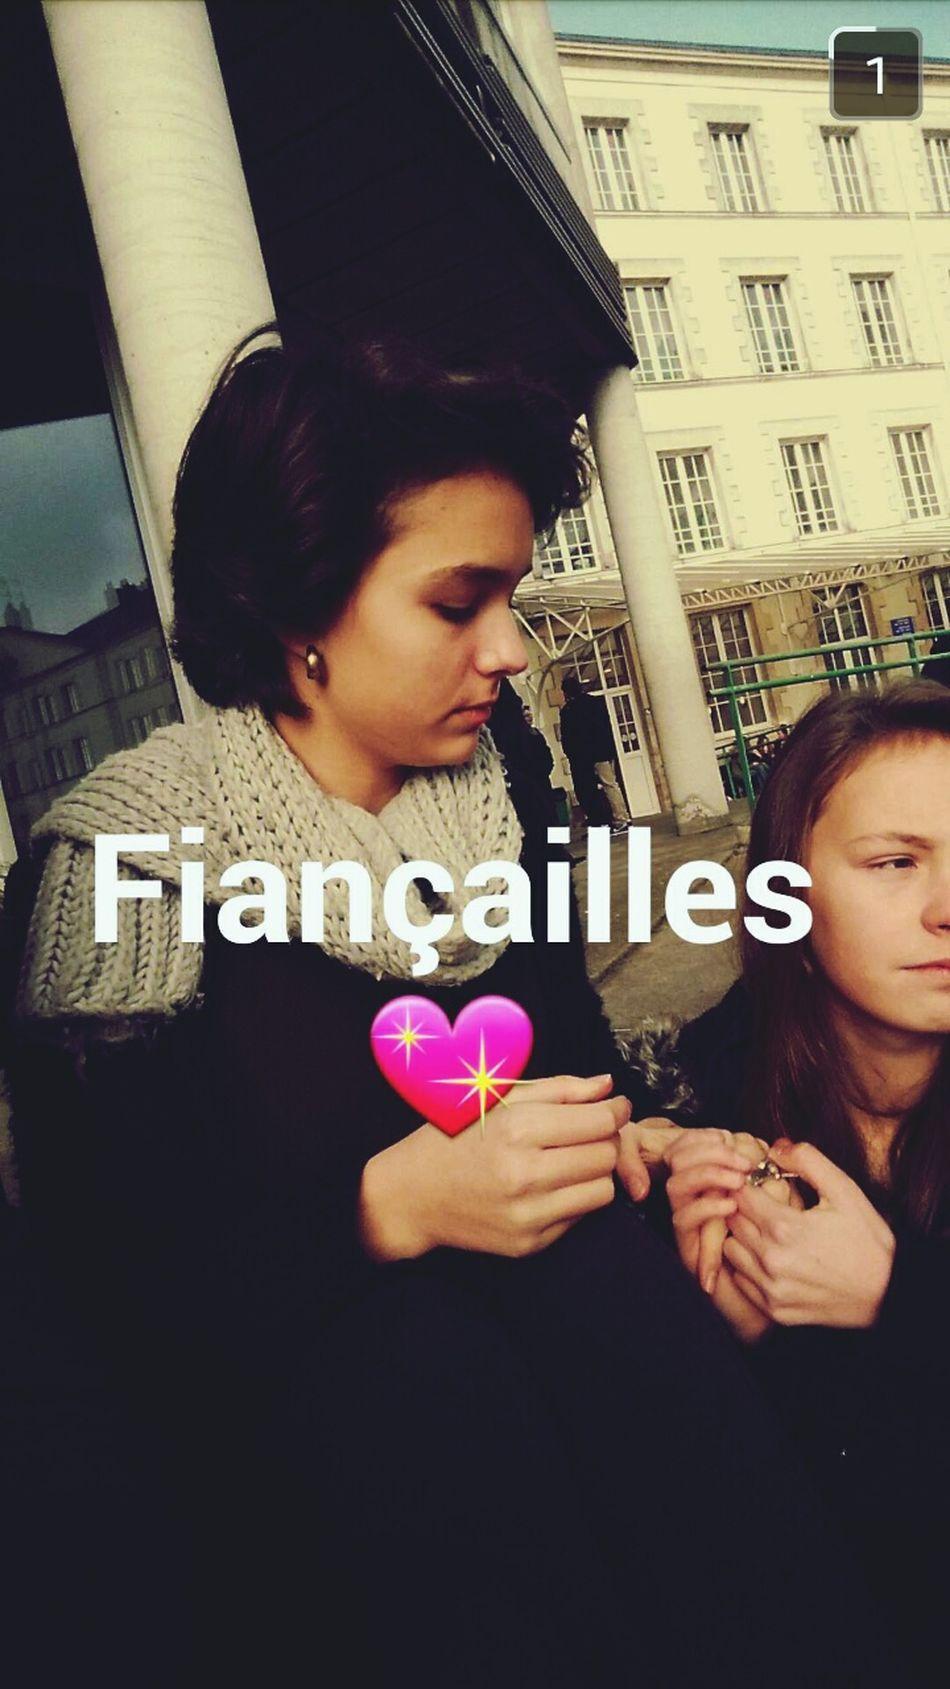 Friend Love Fiancailles ??